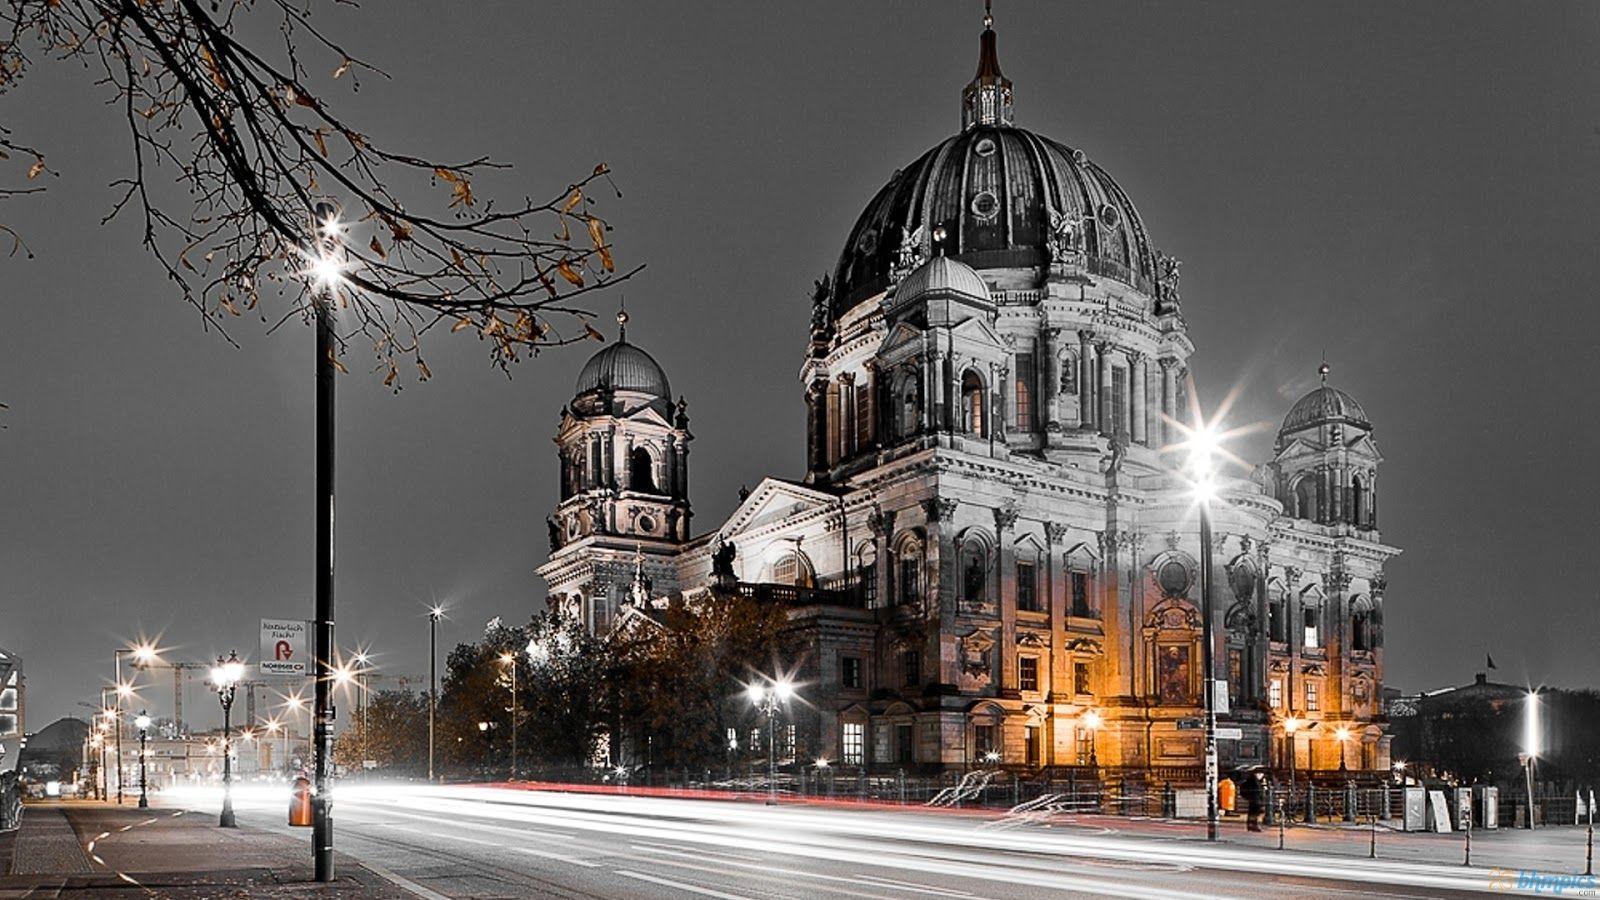 Berlin Wallpapers Hd Resolution ~ Sdeerwallpapers